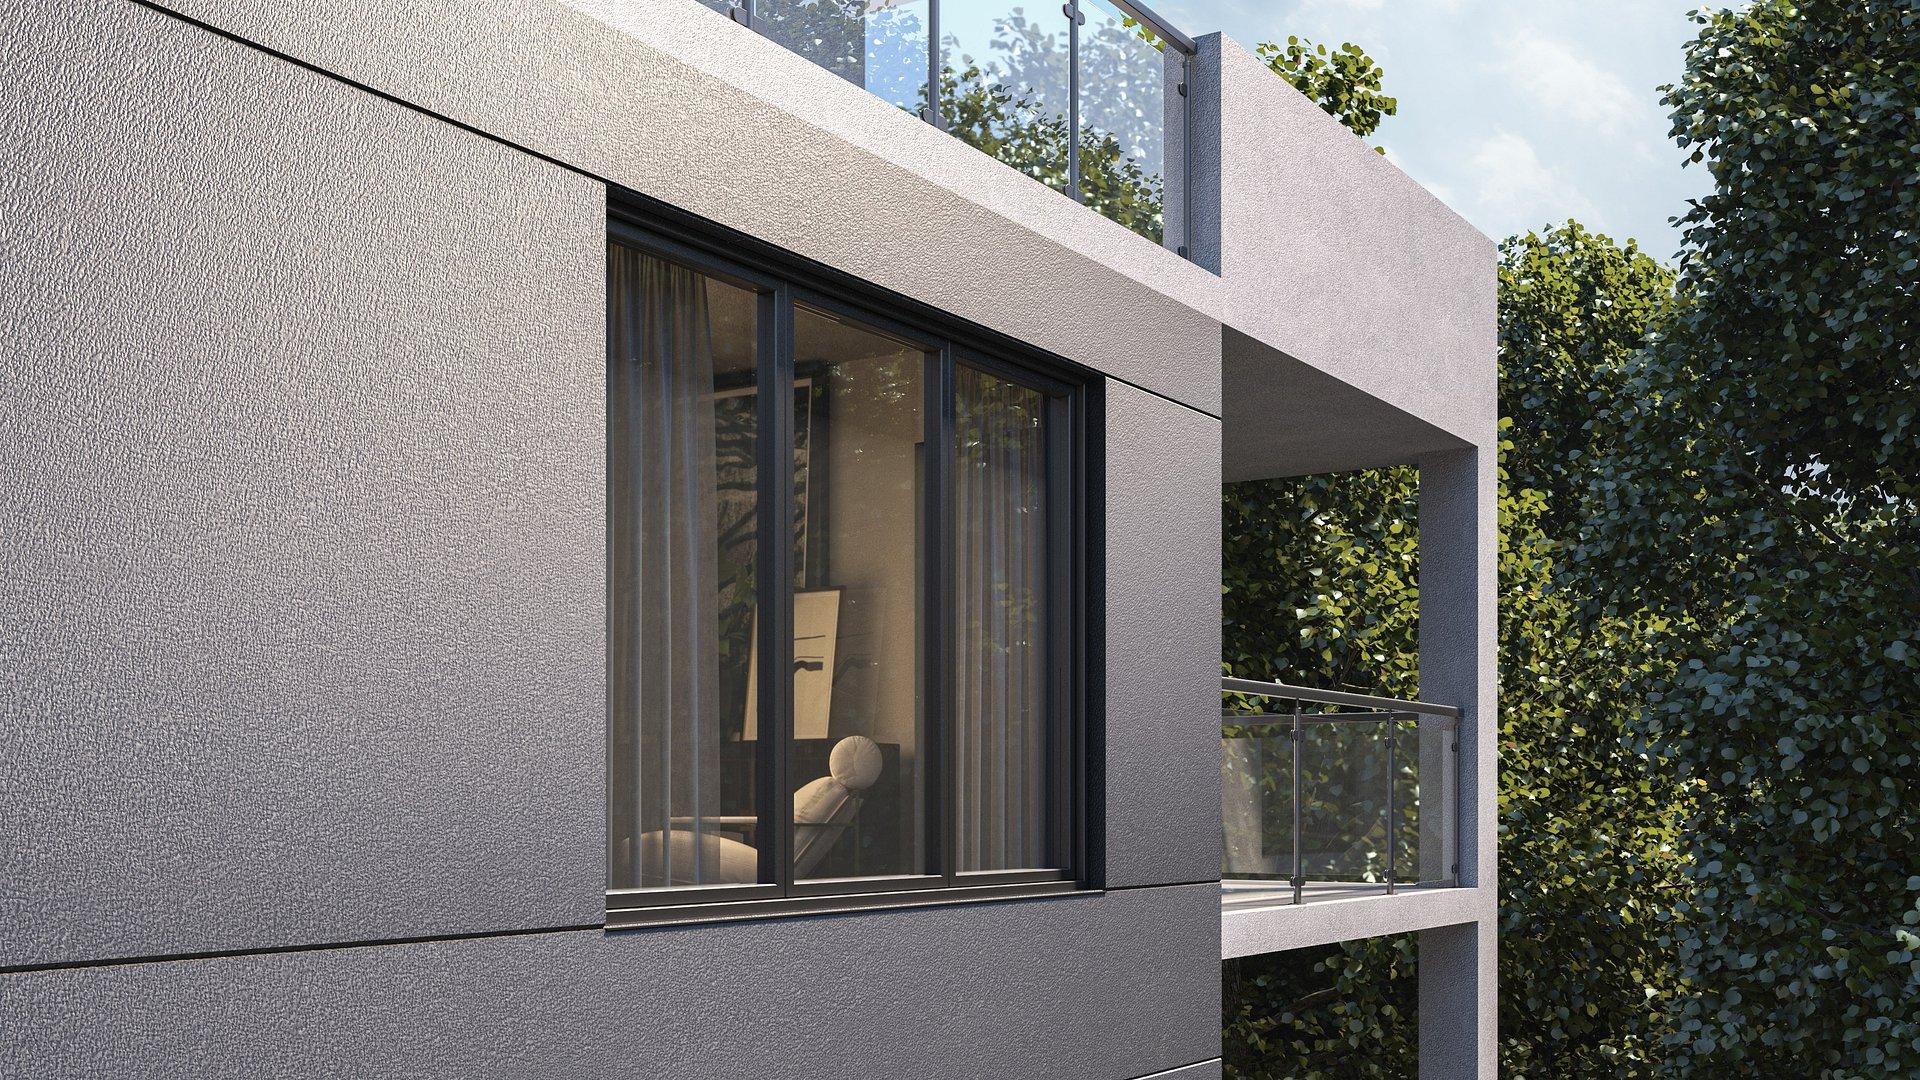 Nowoczesna i atrakcyjna elewacja z efektami metalu oraz betonu